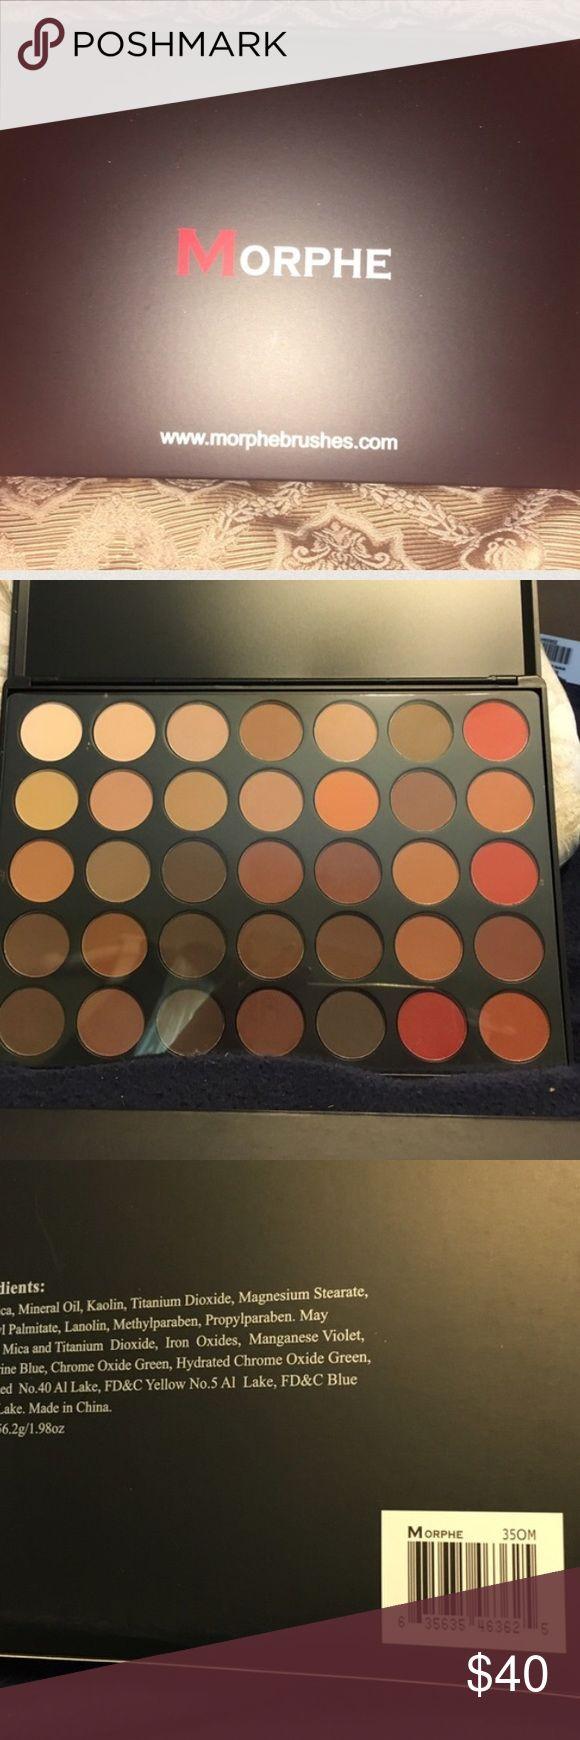 BNIB Morphe 350 Matte Palette BNIB Morphe 350 Matte Palette Makeup Eyeshadow